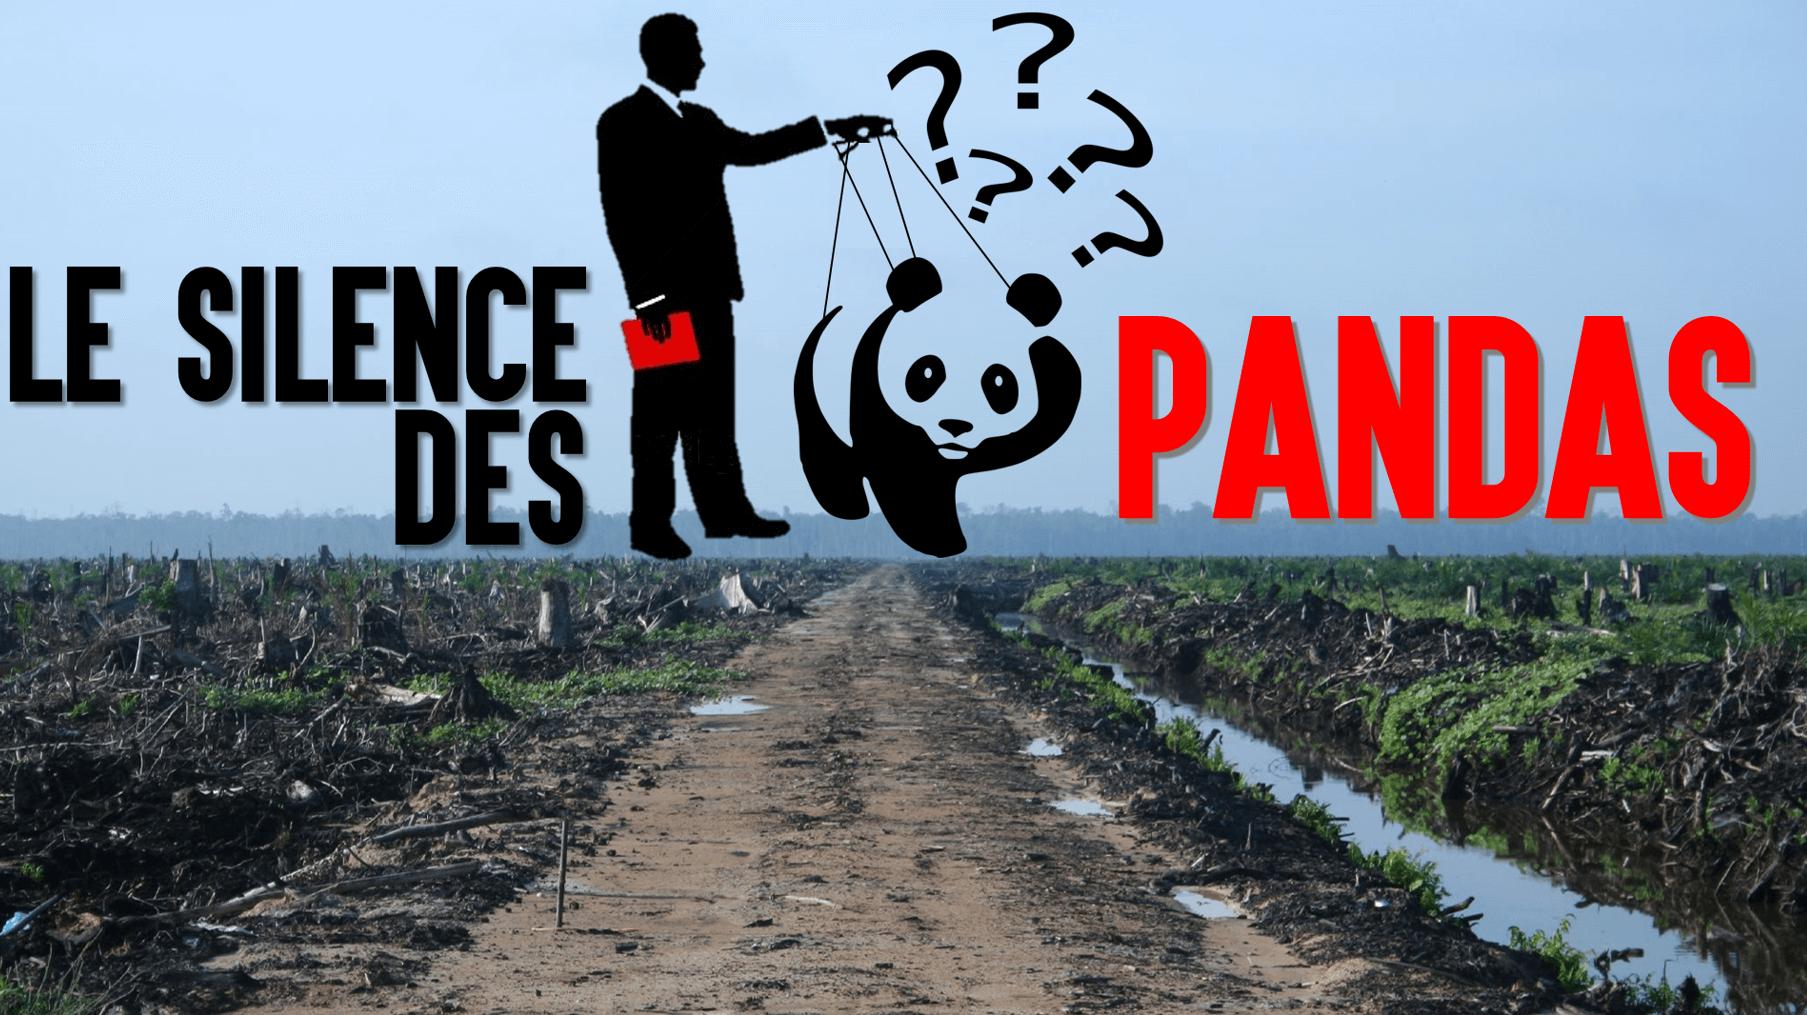 """Voir, à ce propos, l'excellent documentaire de Wilfried Huismann, """"Le silence des pandas"""""""